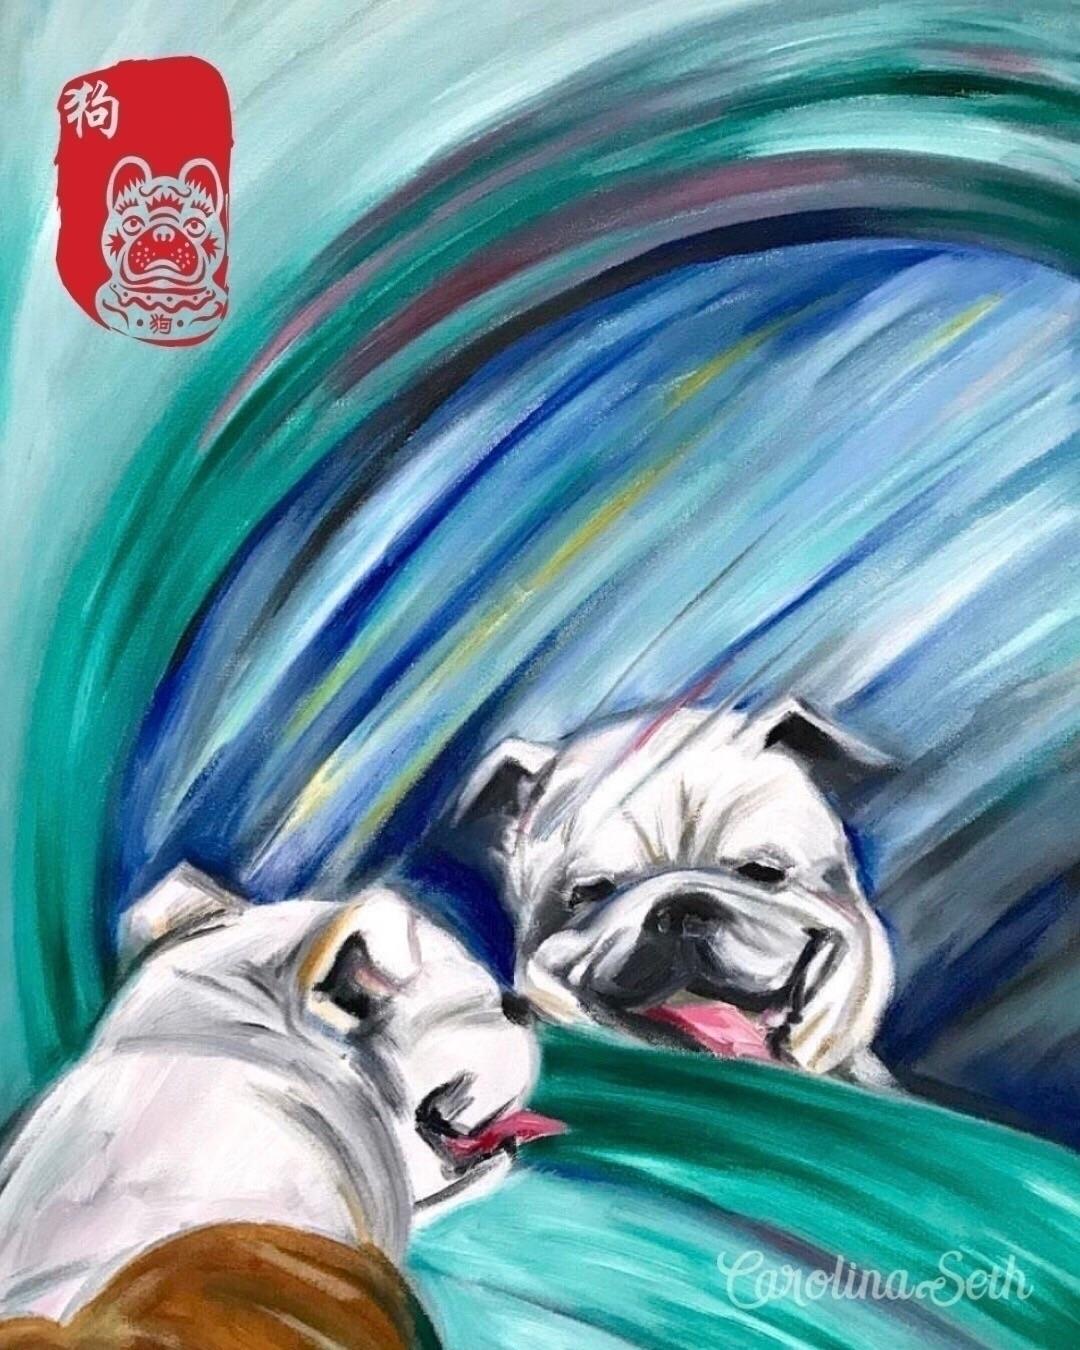 Happy Lunar Year! Year Dog, Woo - carolinaseth | ello